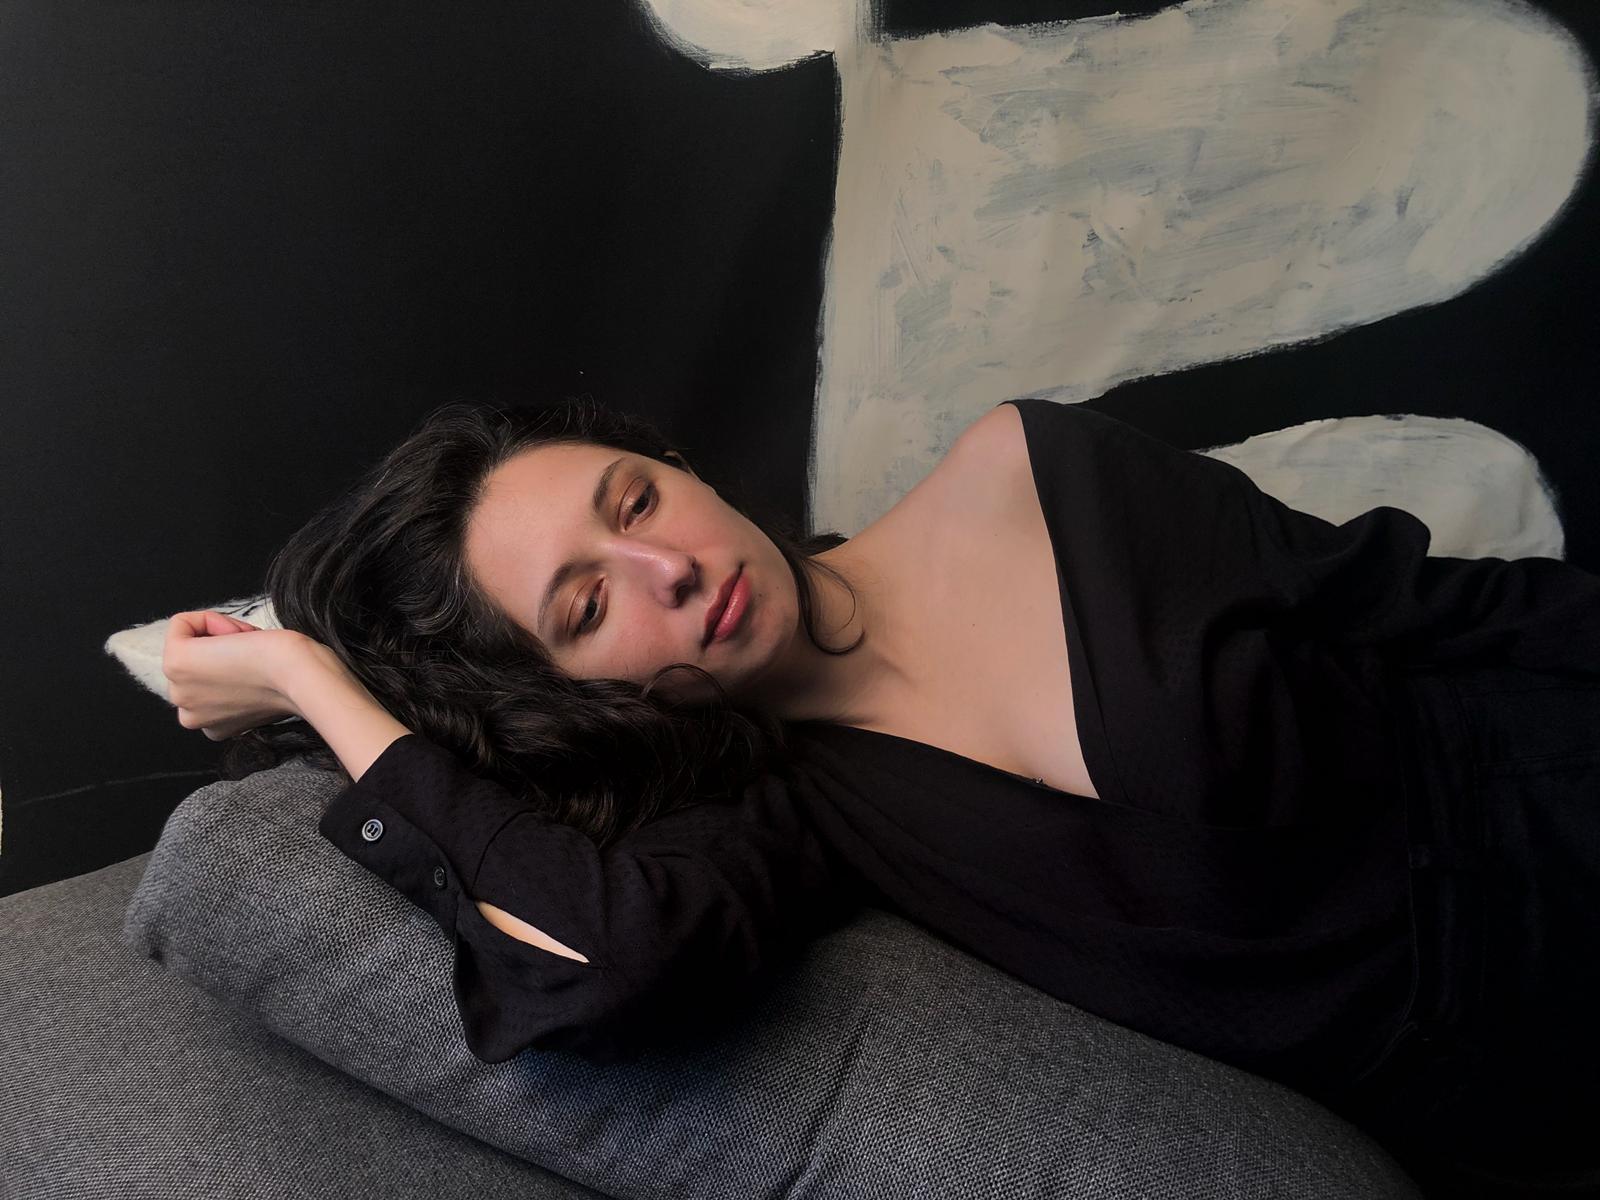 María Usbeck Dissects Growing Older On Sophomore Album Envejeciendo